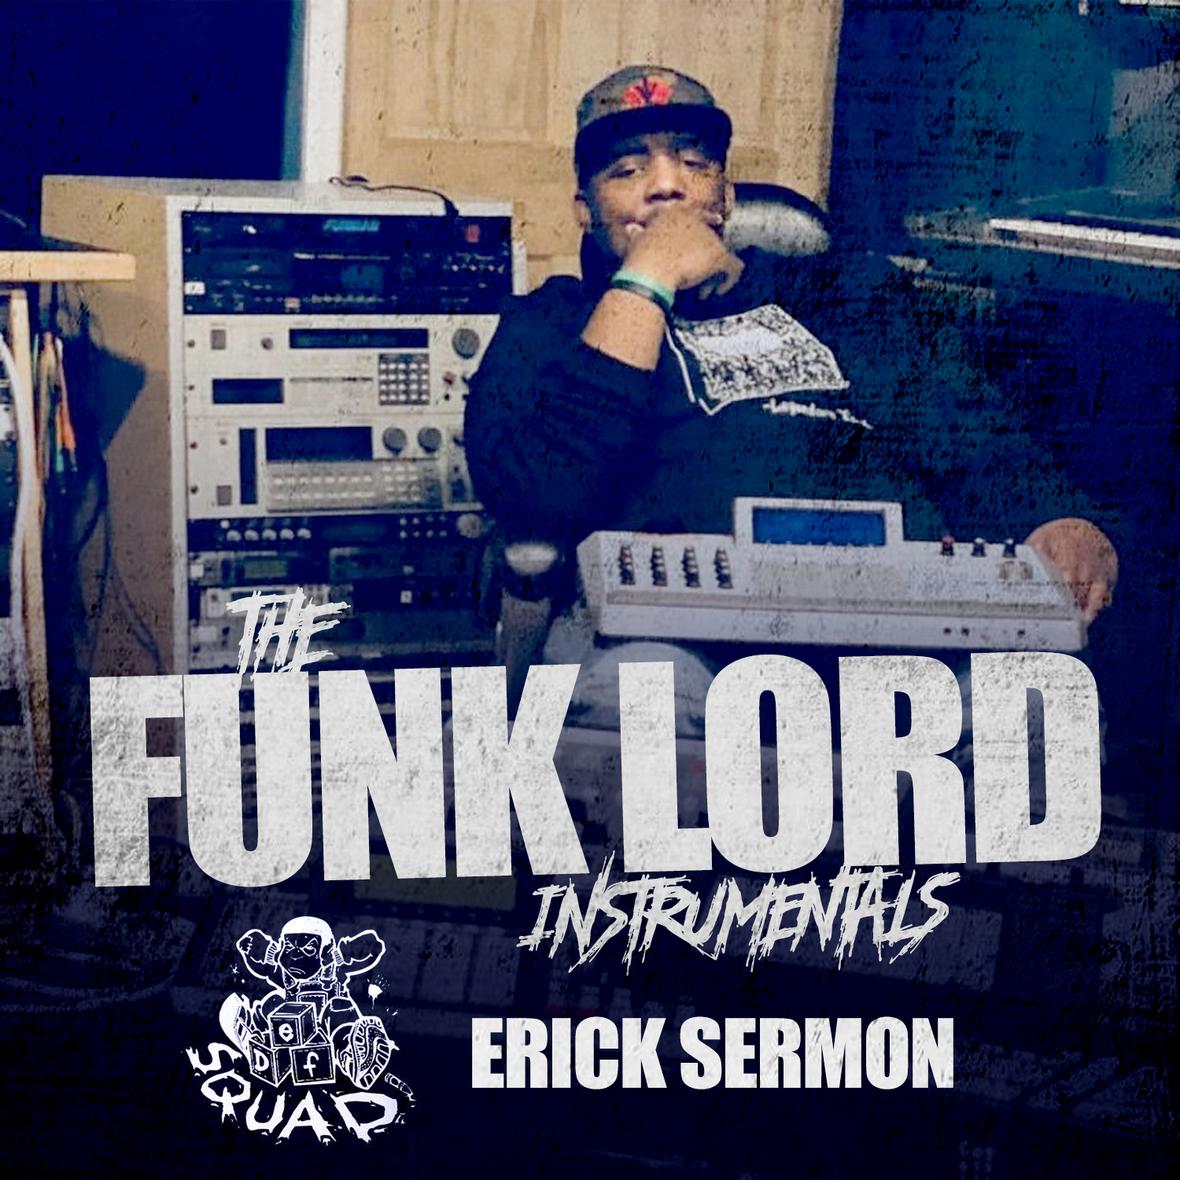 Erick Sermon – The Funk Lord Instrumentals | 7th Boro: Hip